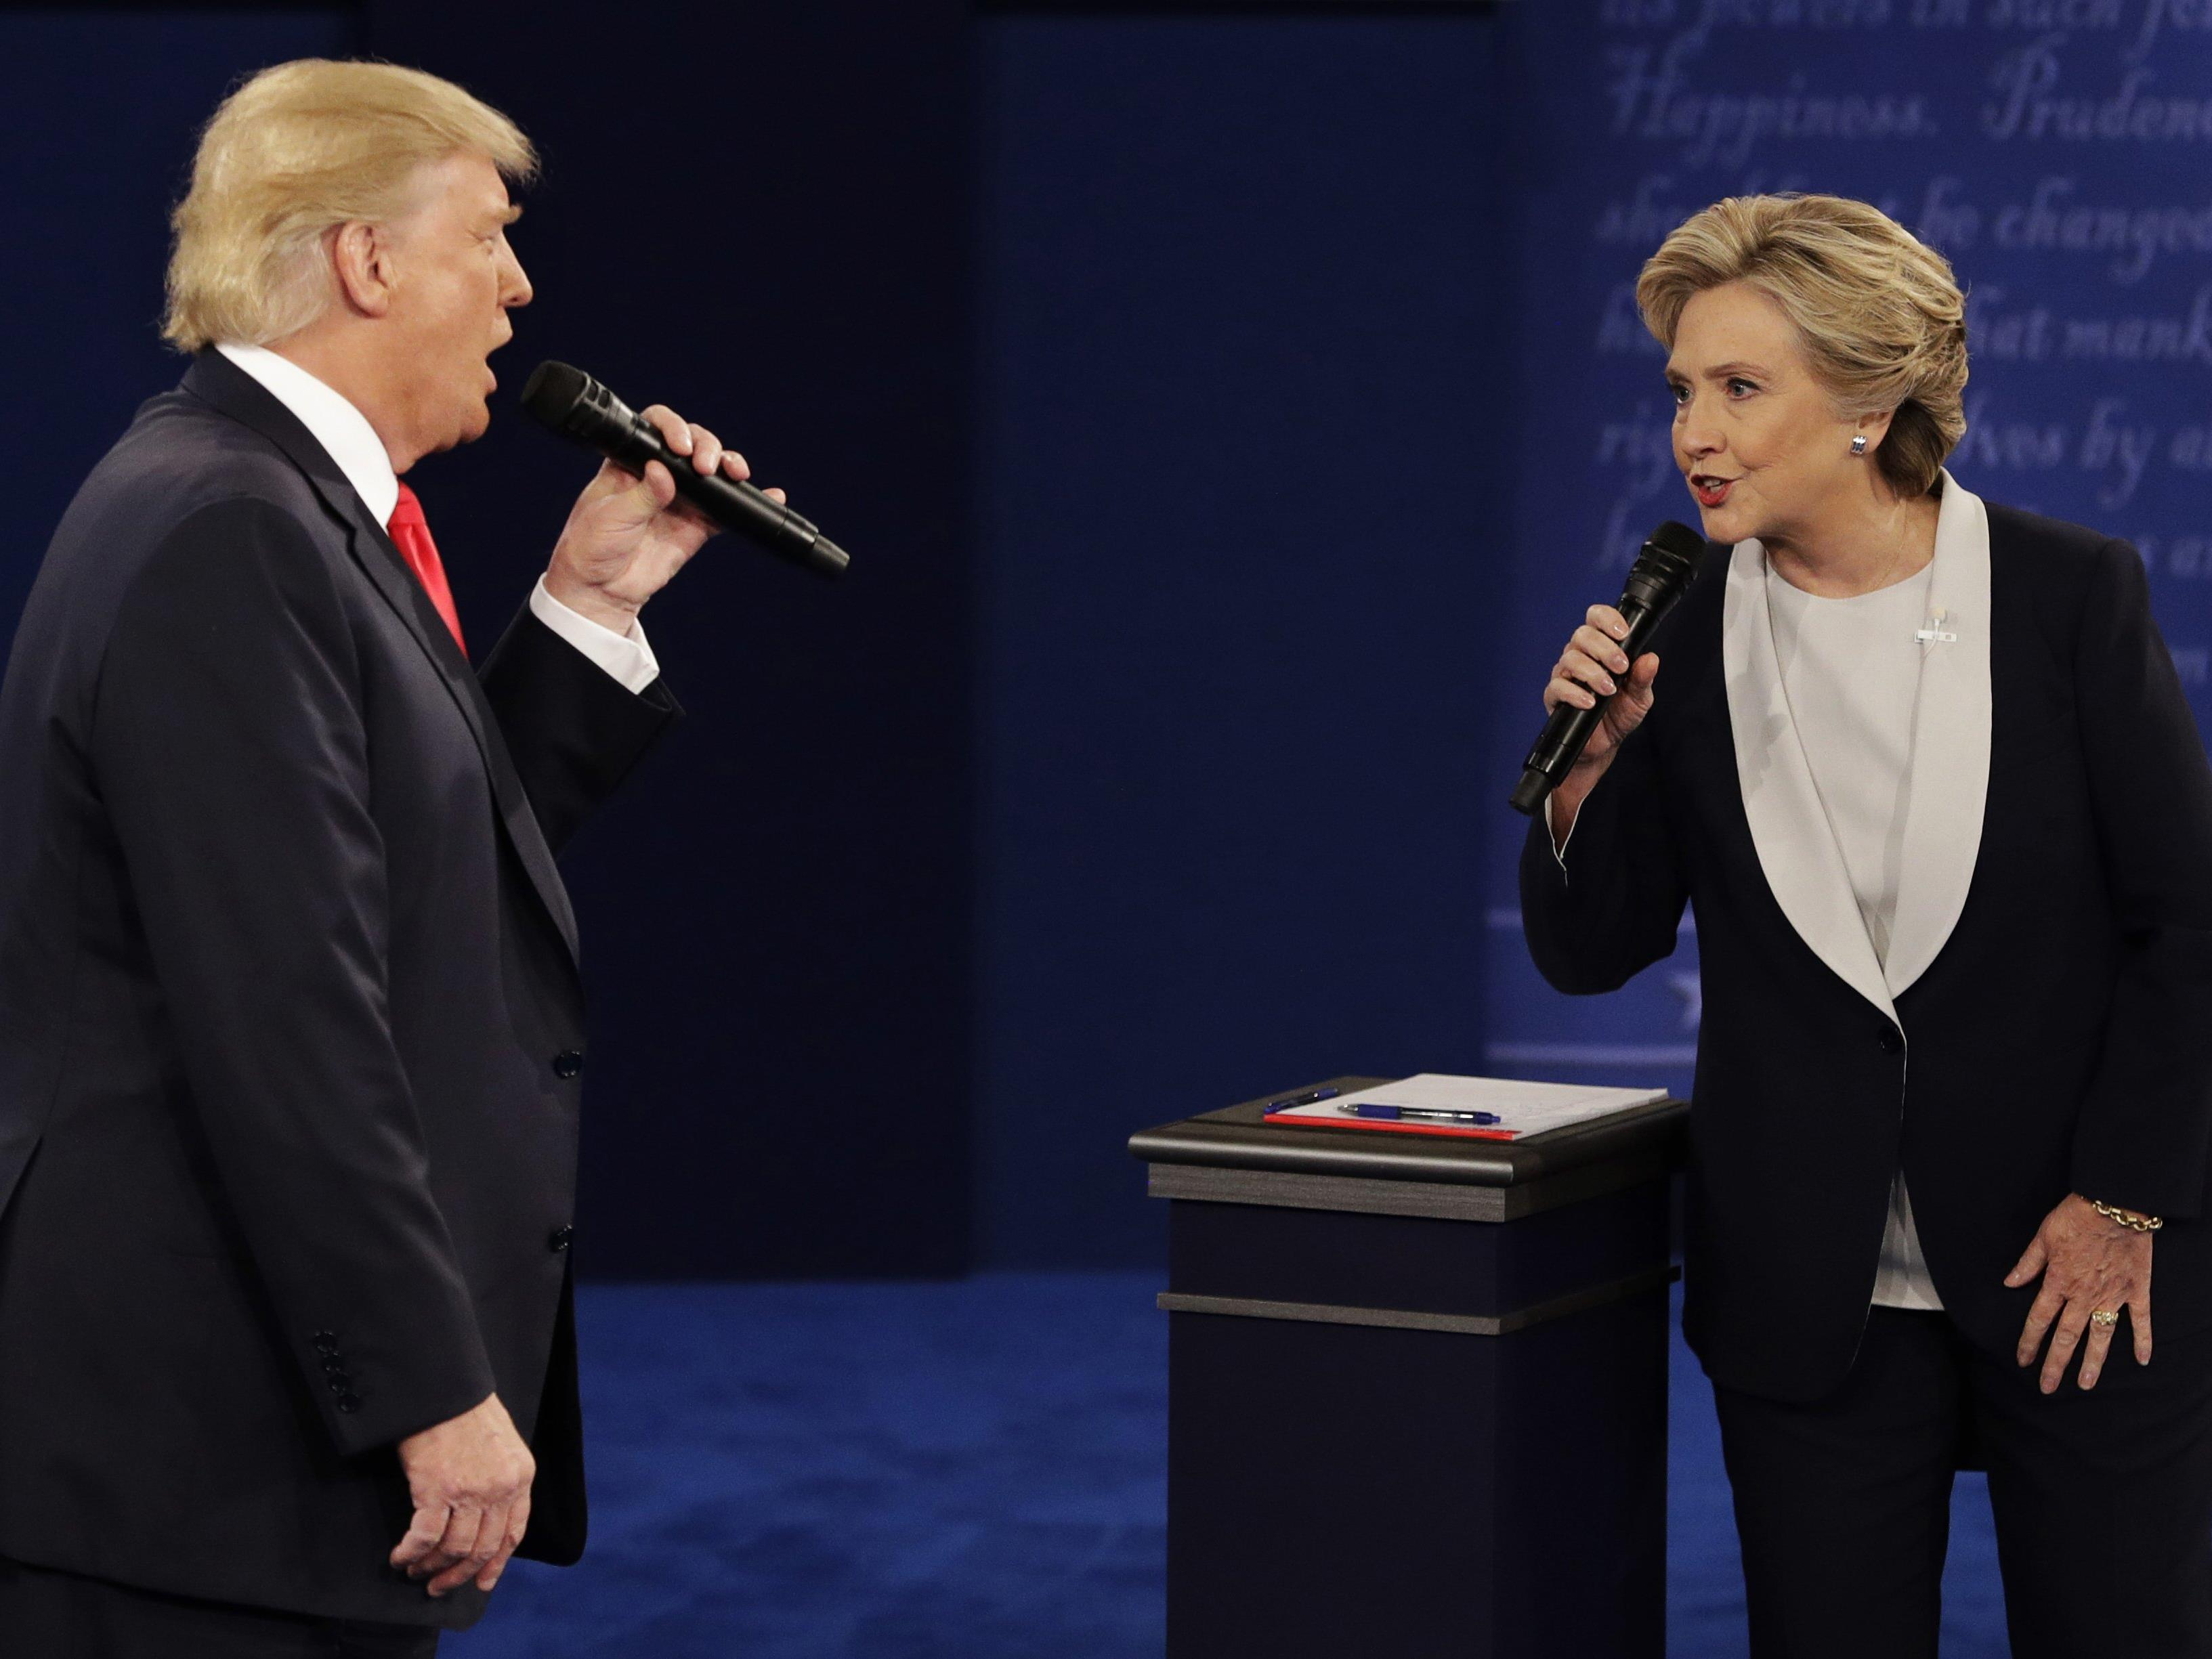 Selbst Donald Trumps Parteifreunde glauben mehrheitlich an einen Sieg Clintons.